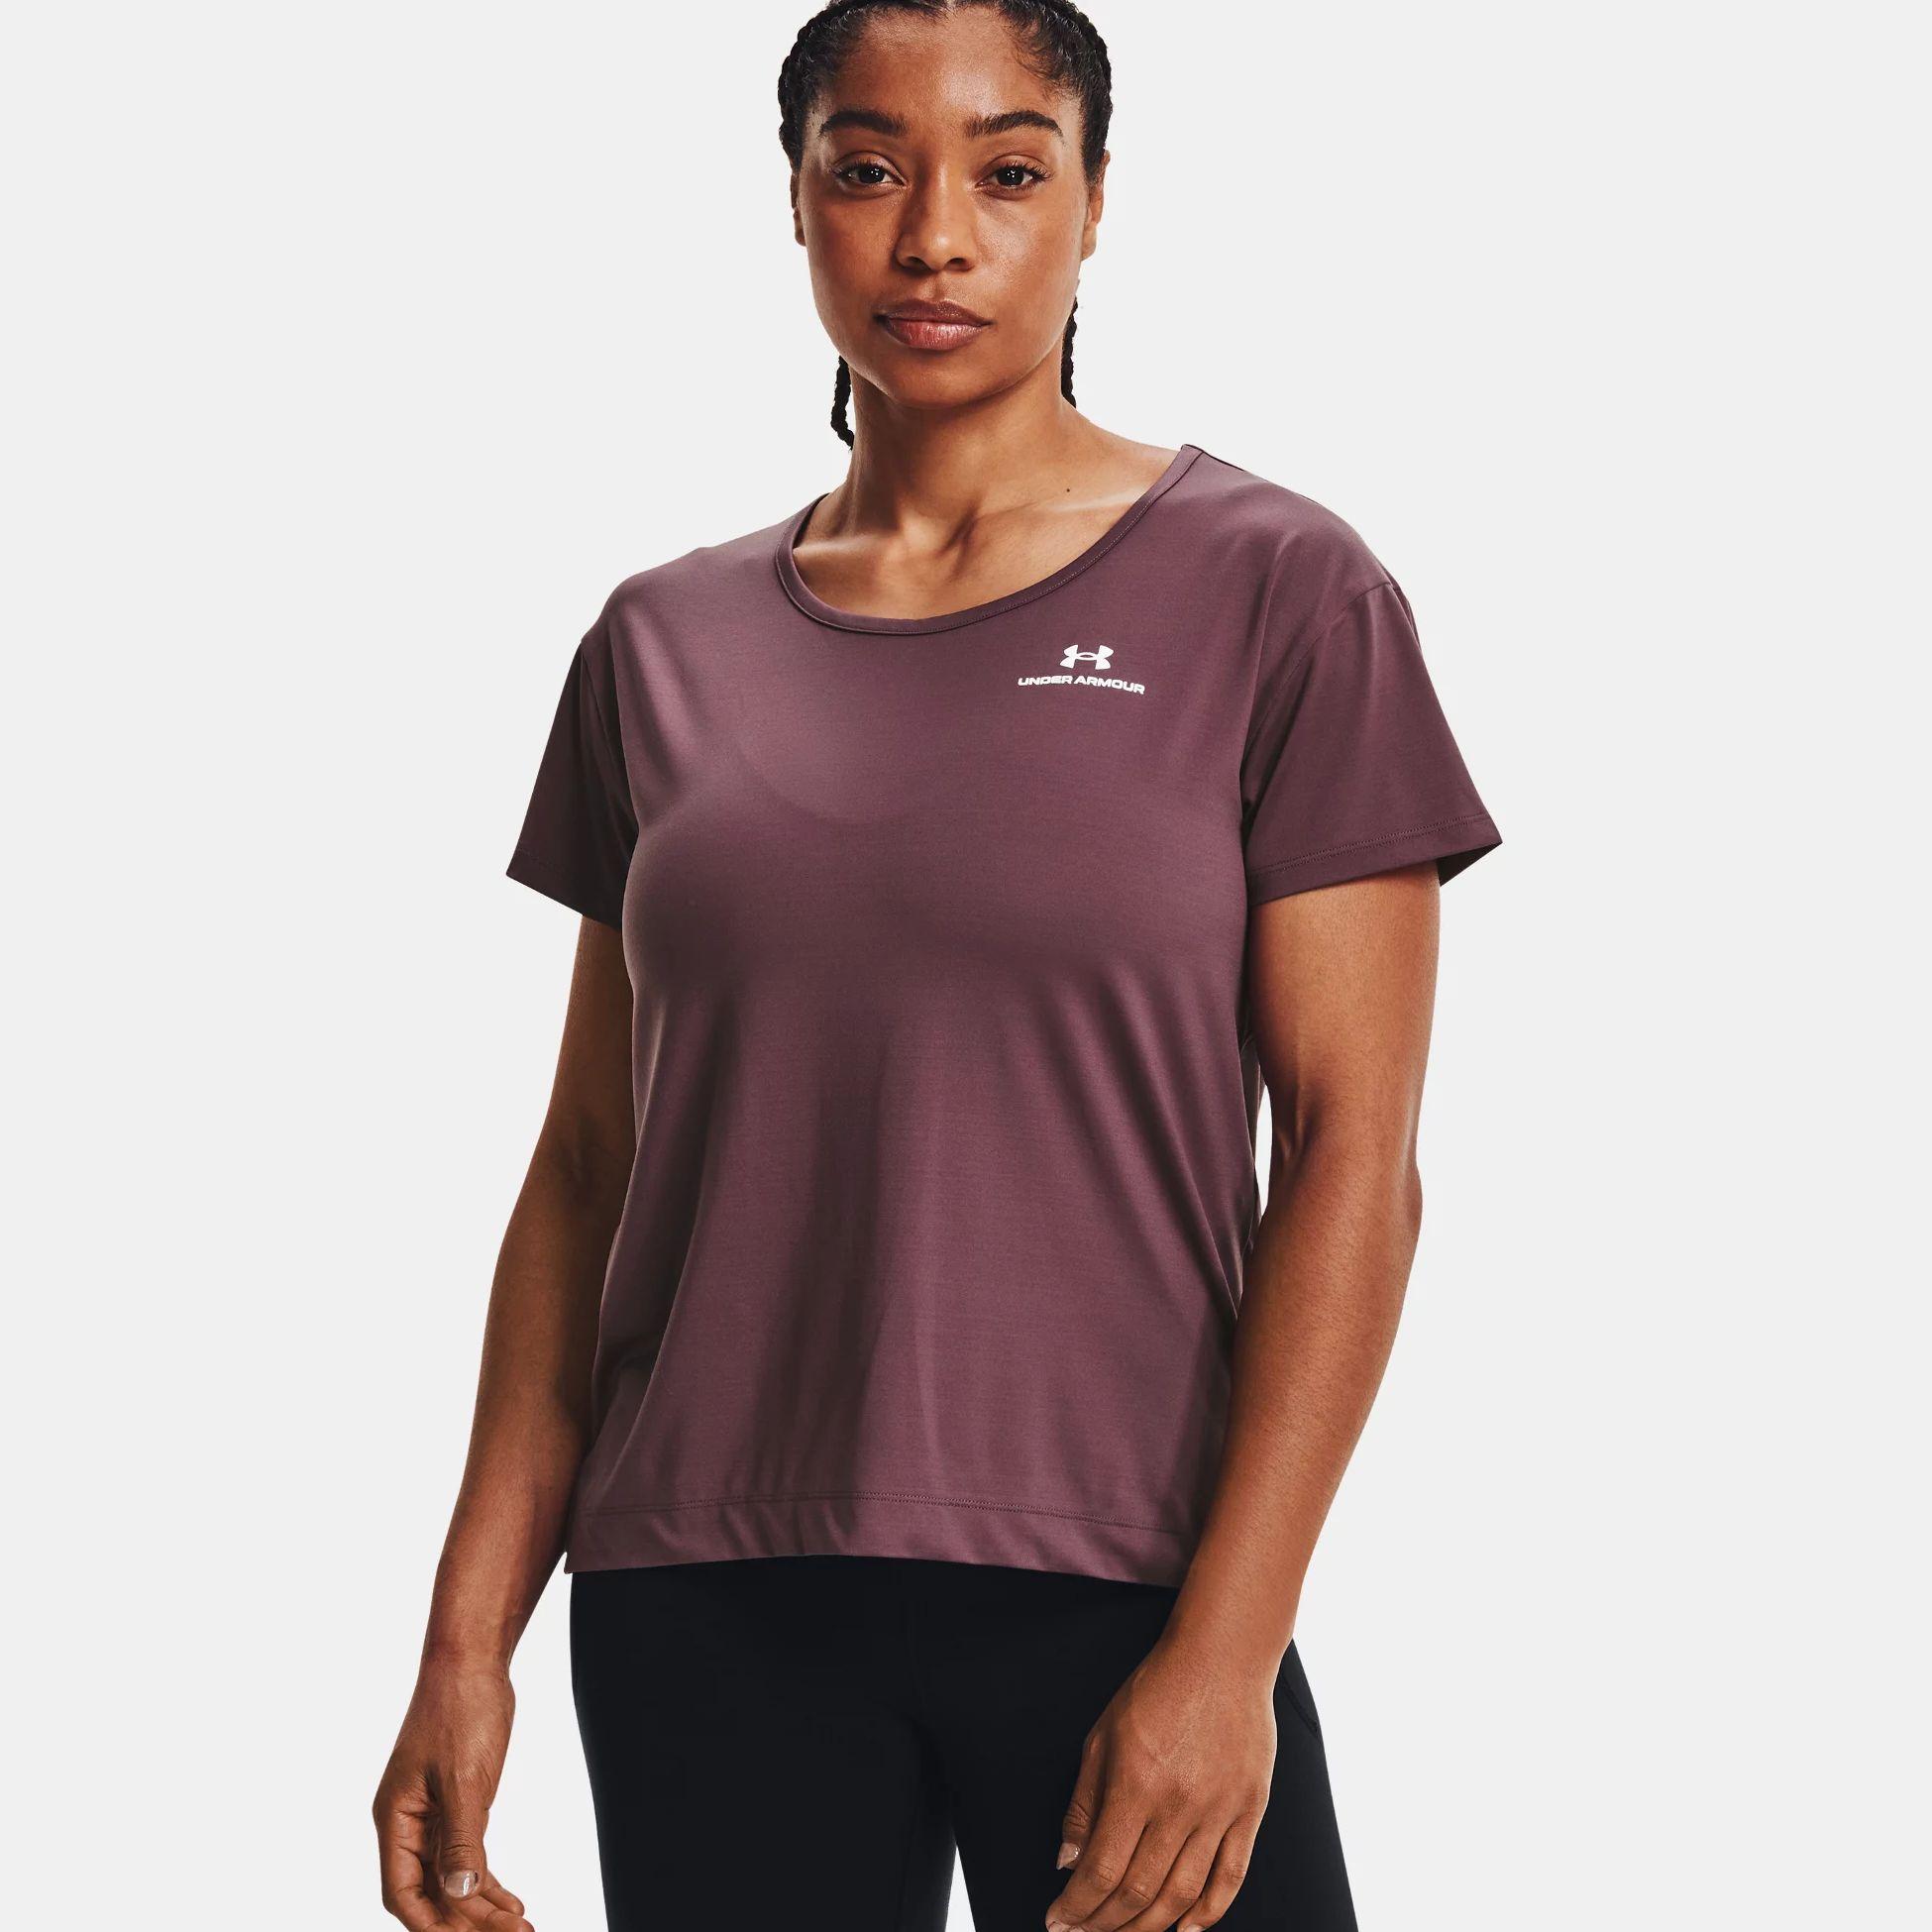 Clothing -  under armour UA RUSH Energy Core Short Sleeve